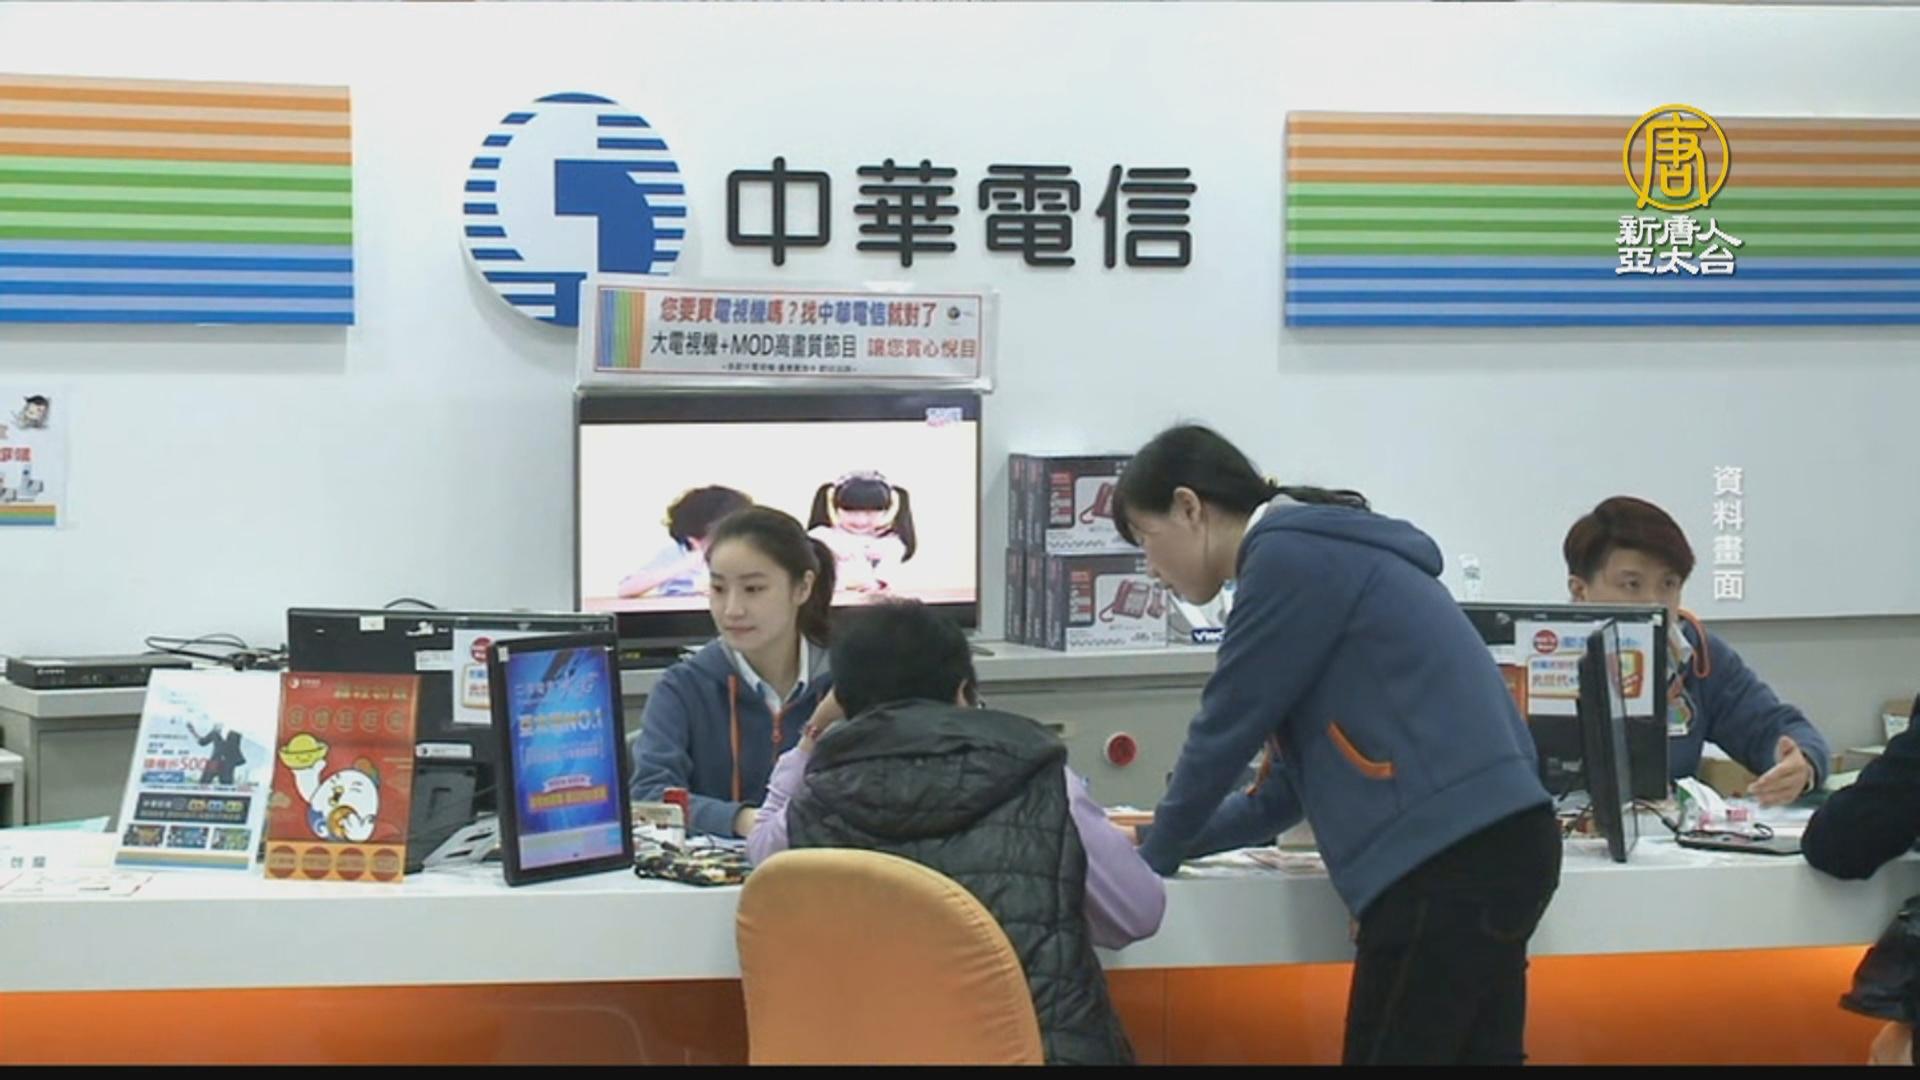 中華電信取得5G最大頻寬 盼與各業者完成協商